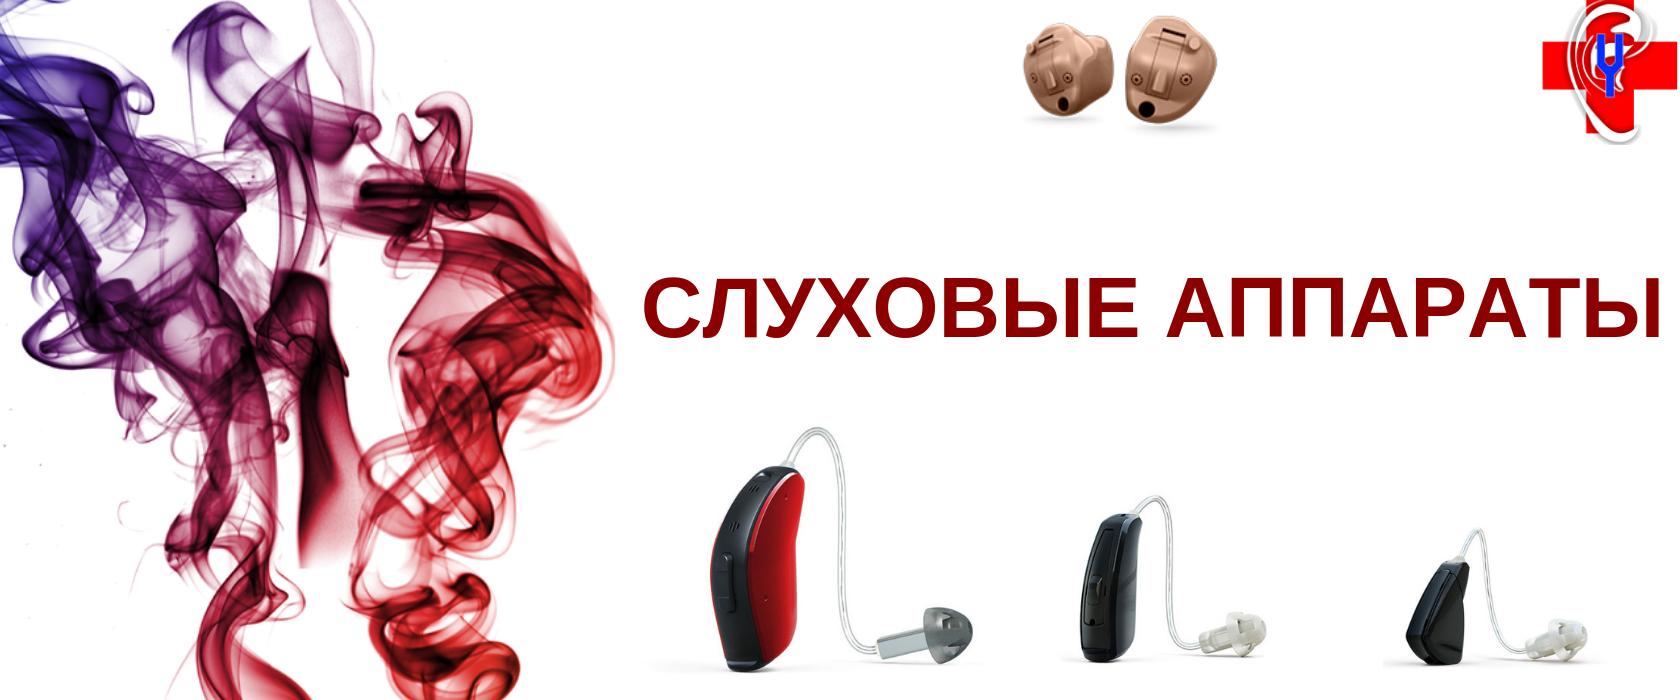 Слуховые аппараты разных типов, заушные и внутриушные, на изображении представлены заушные аппараты с технологией выносного ресивера (телефон в ухе).